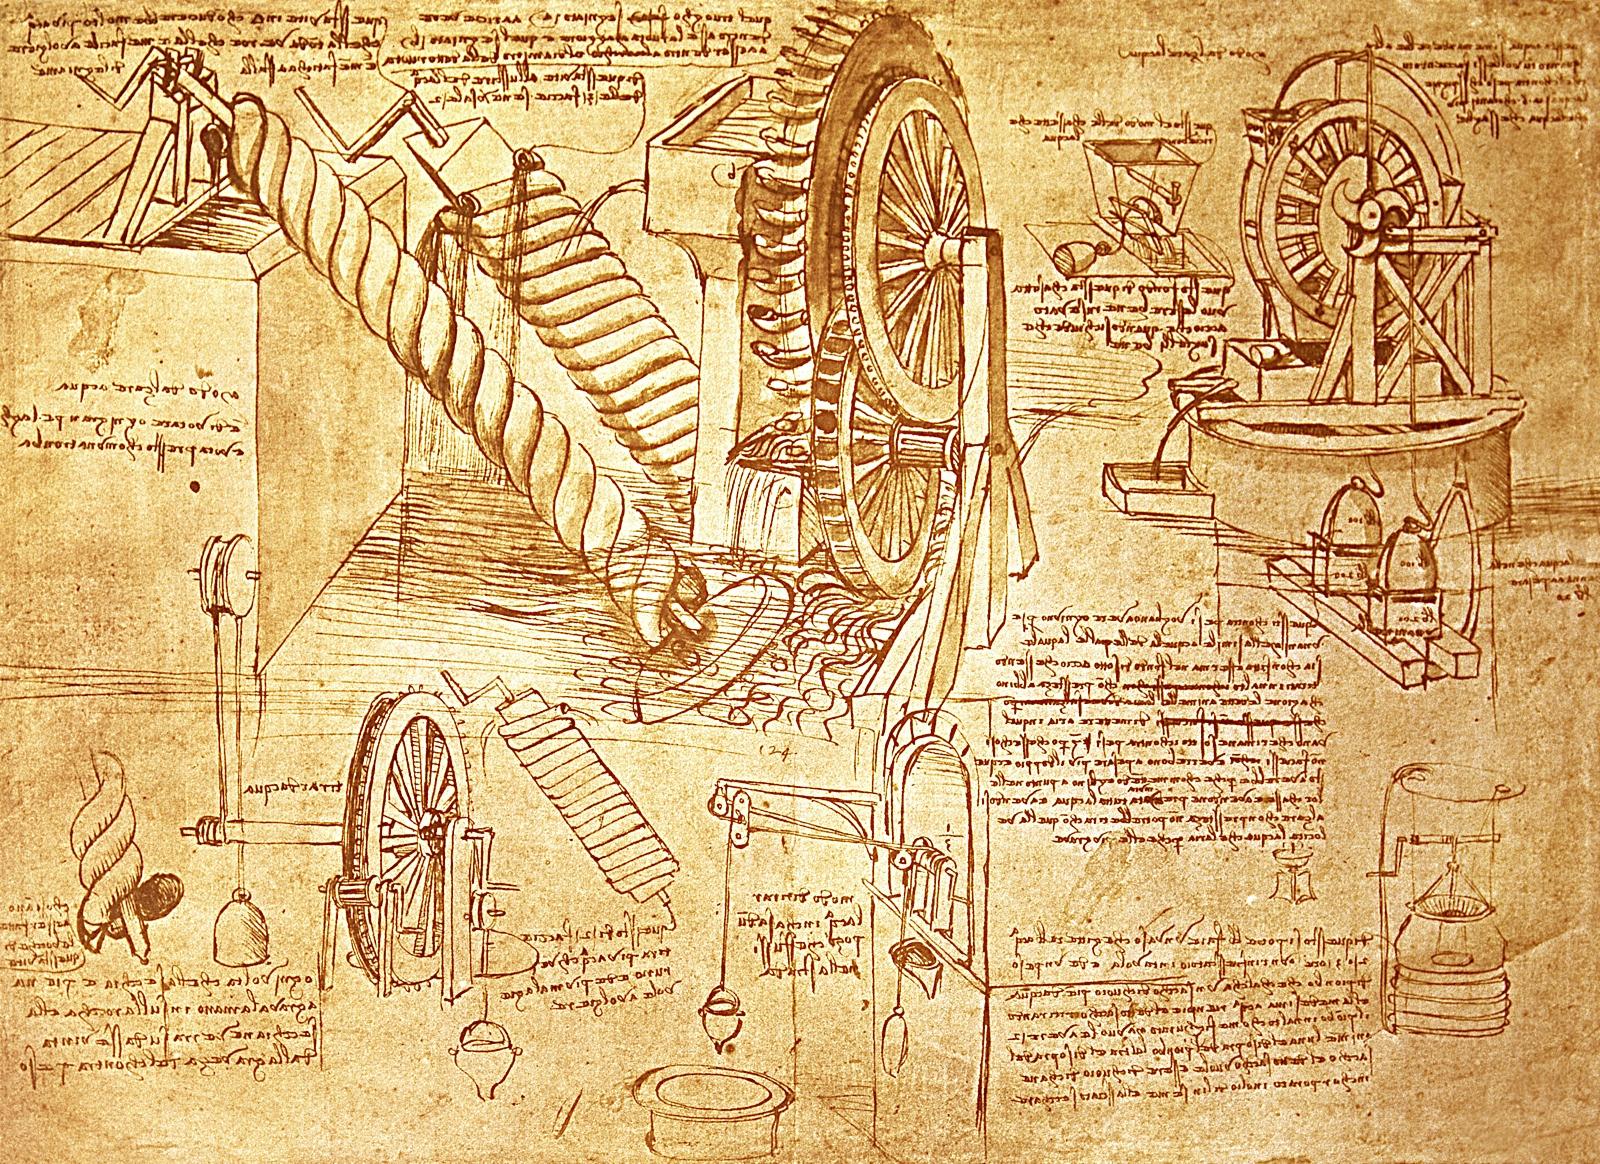 Shenime per shpikjet e Leonardos